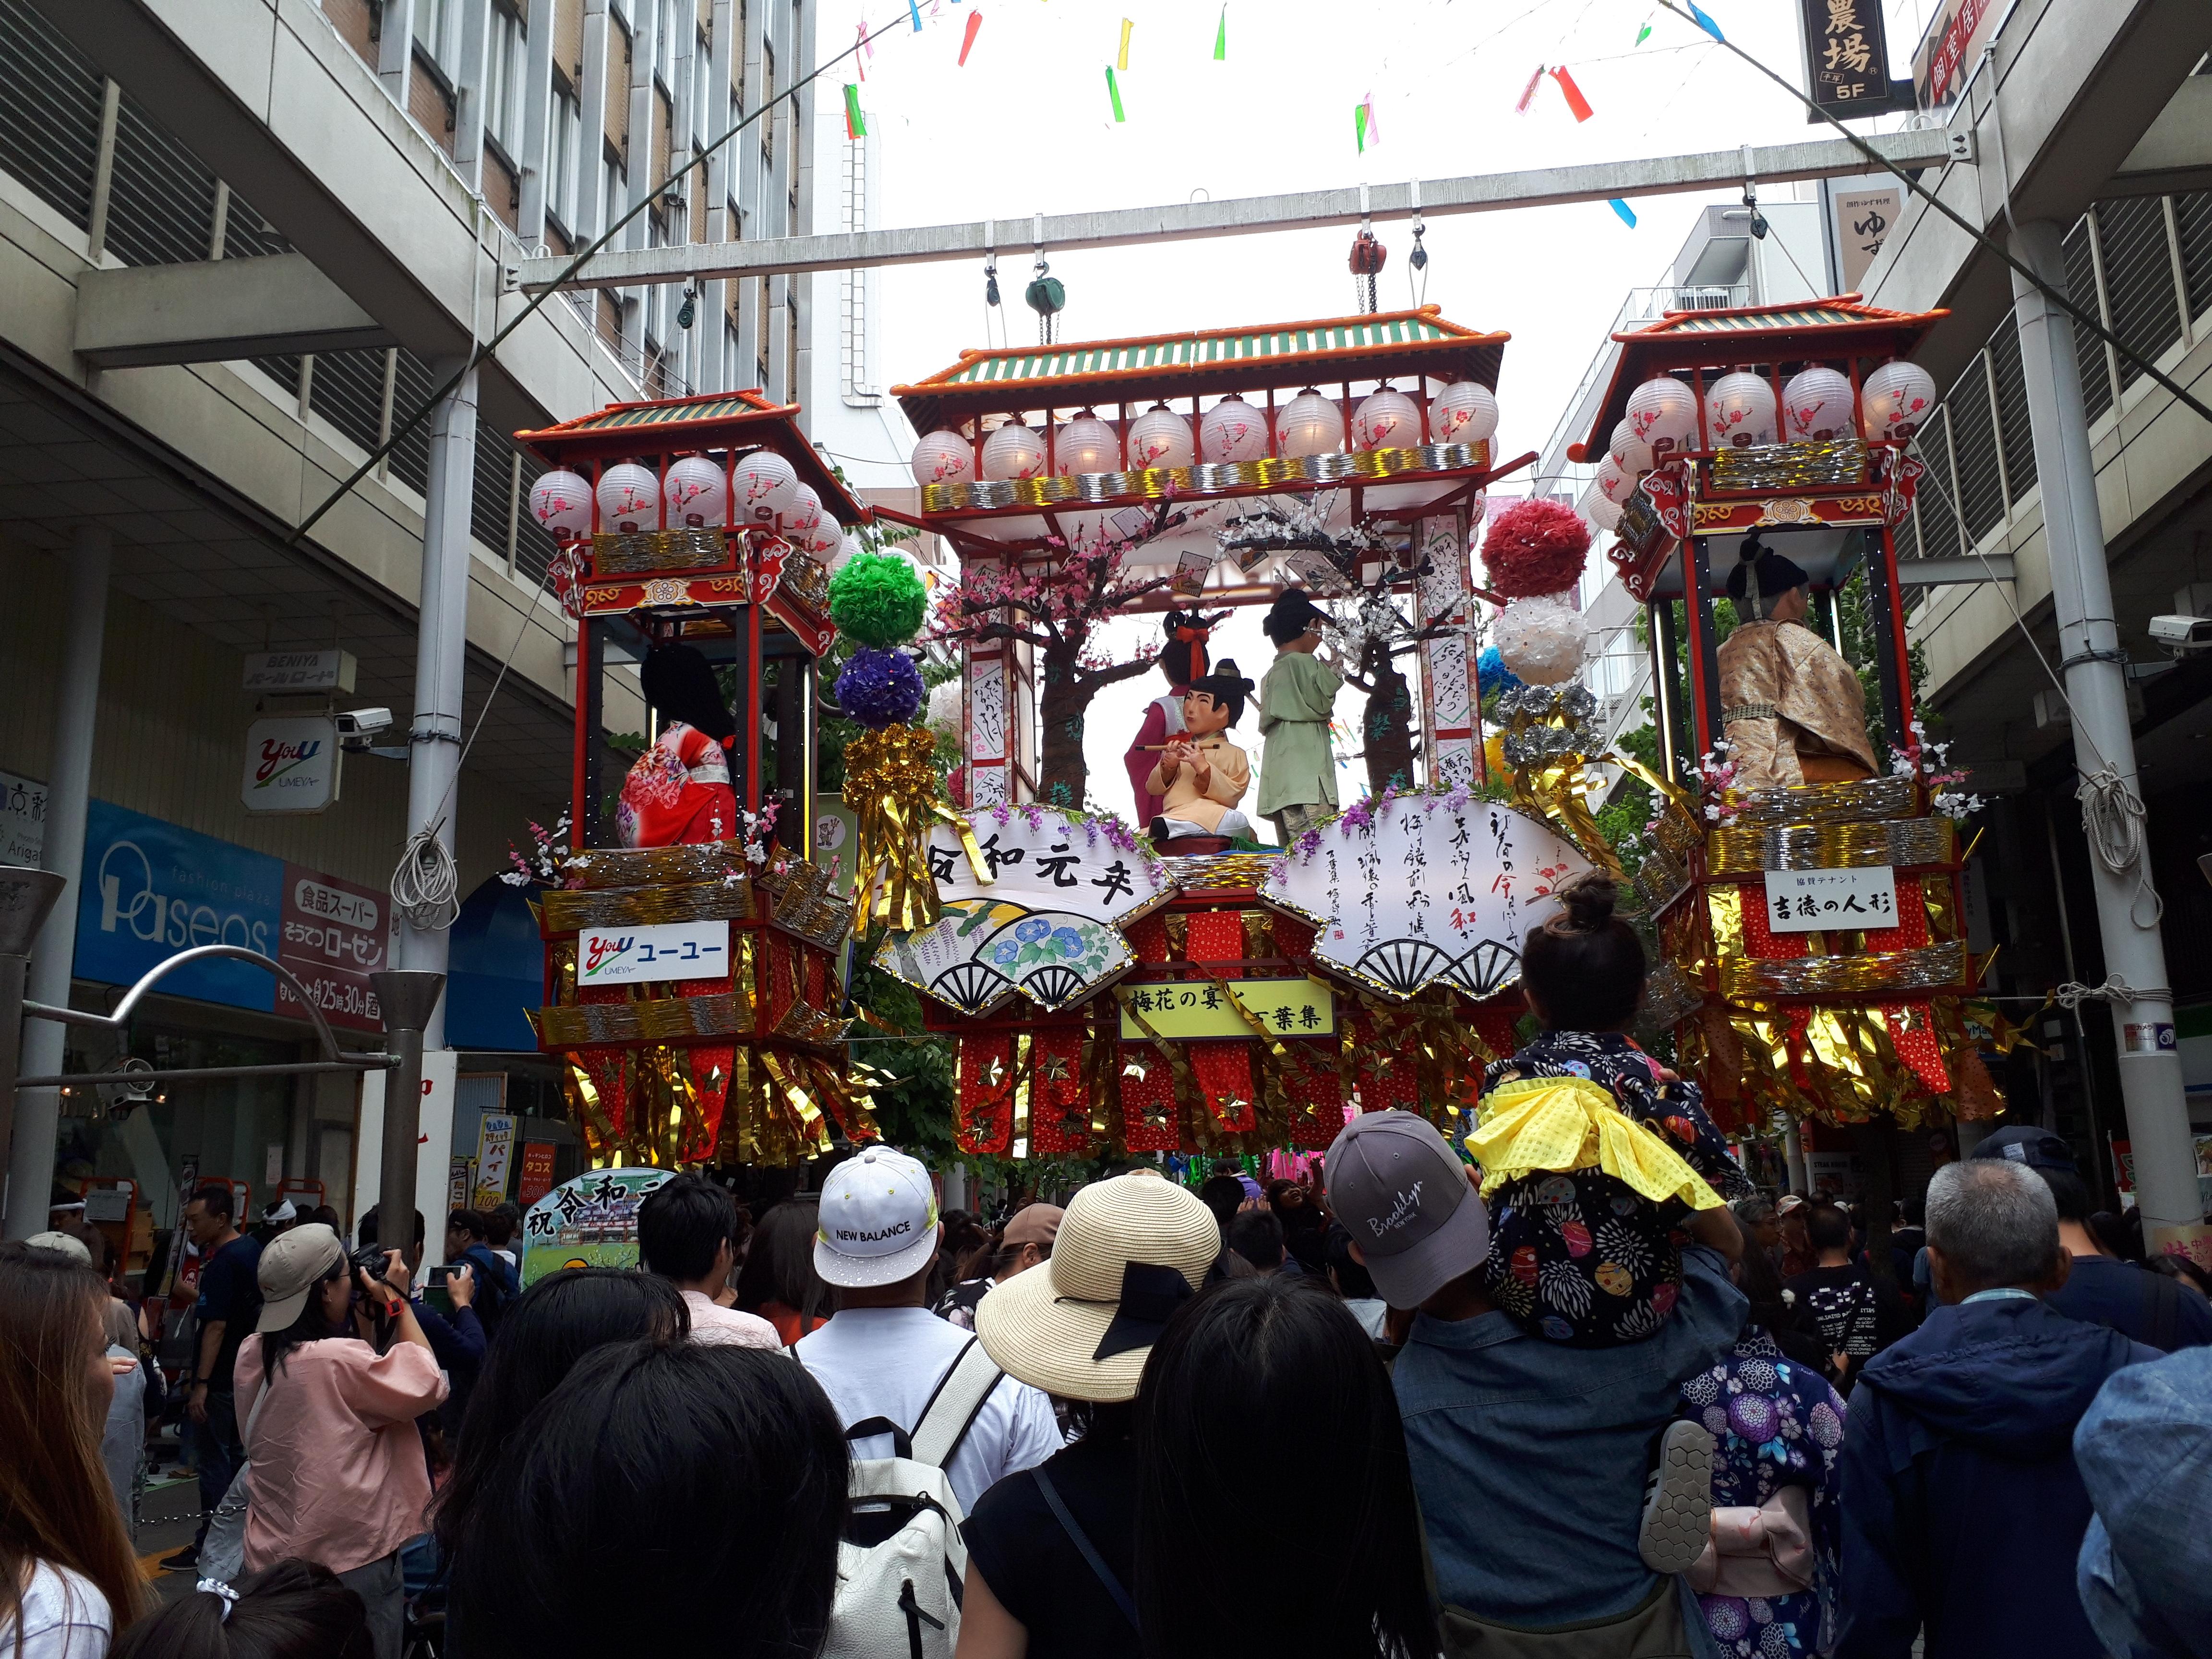 【七夕】平塚市民七夕祭りへ行って来ました!!